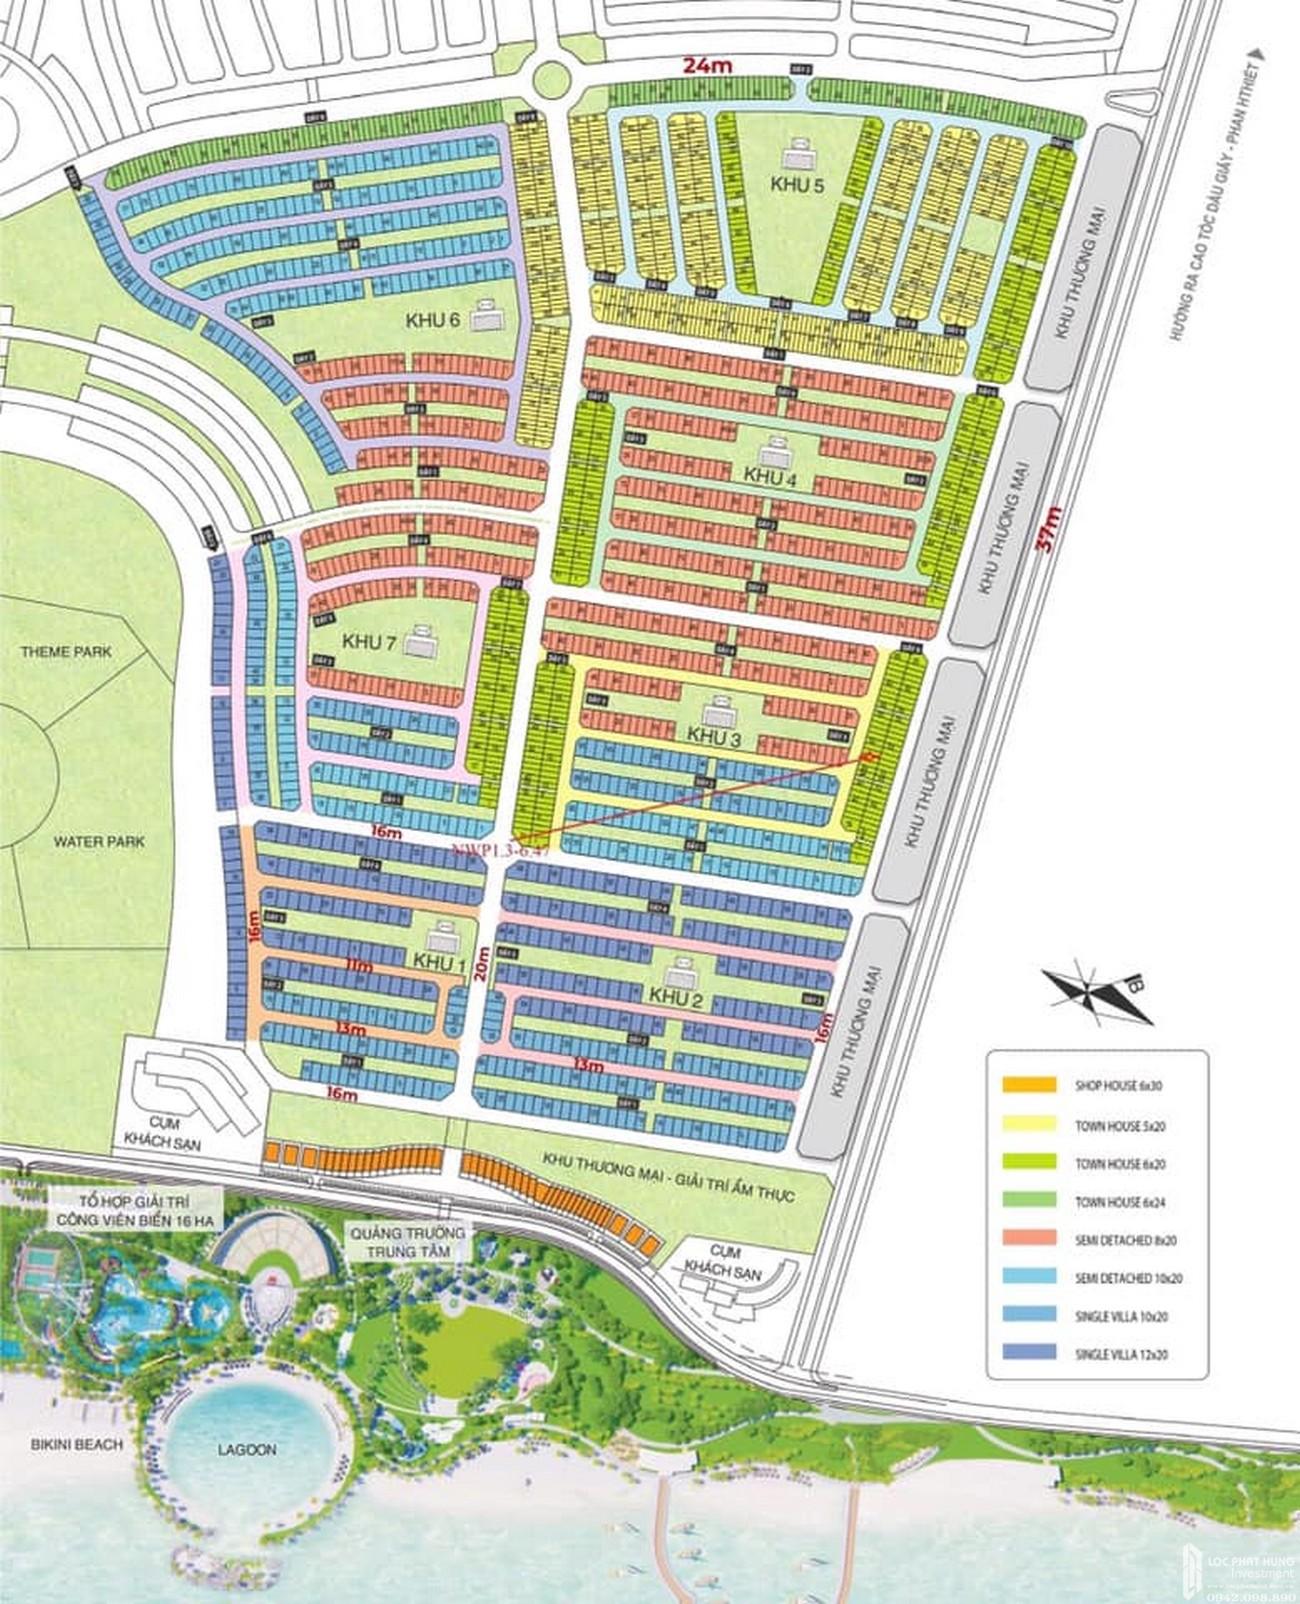 Mặt bằng dự án Khu đô thị Novaworld Phan Thiết đường Lạc Long Quân chủ đầu tư Novaland